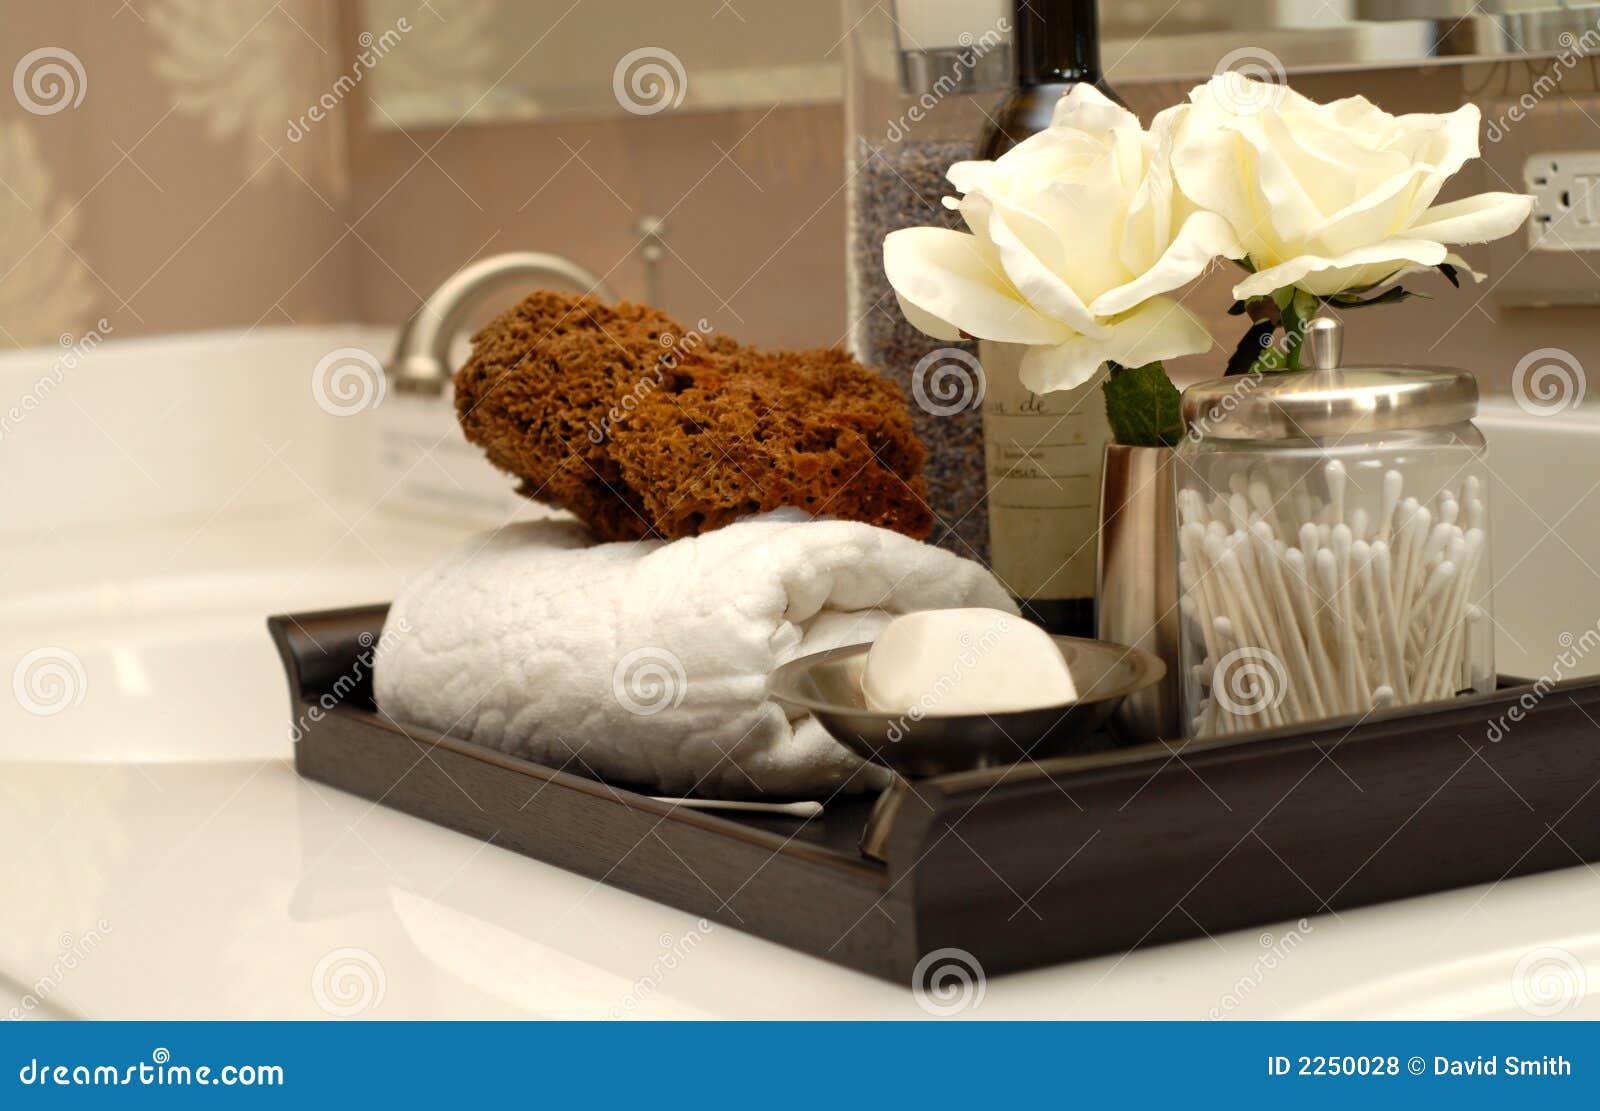 Elementi del bagno